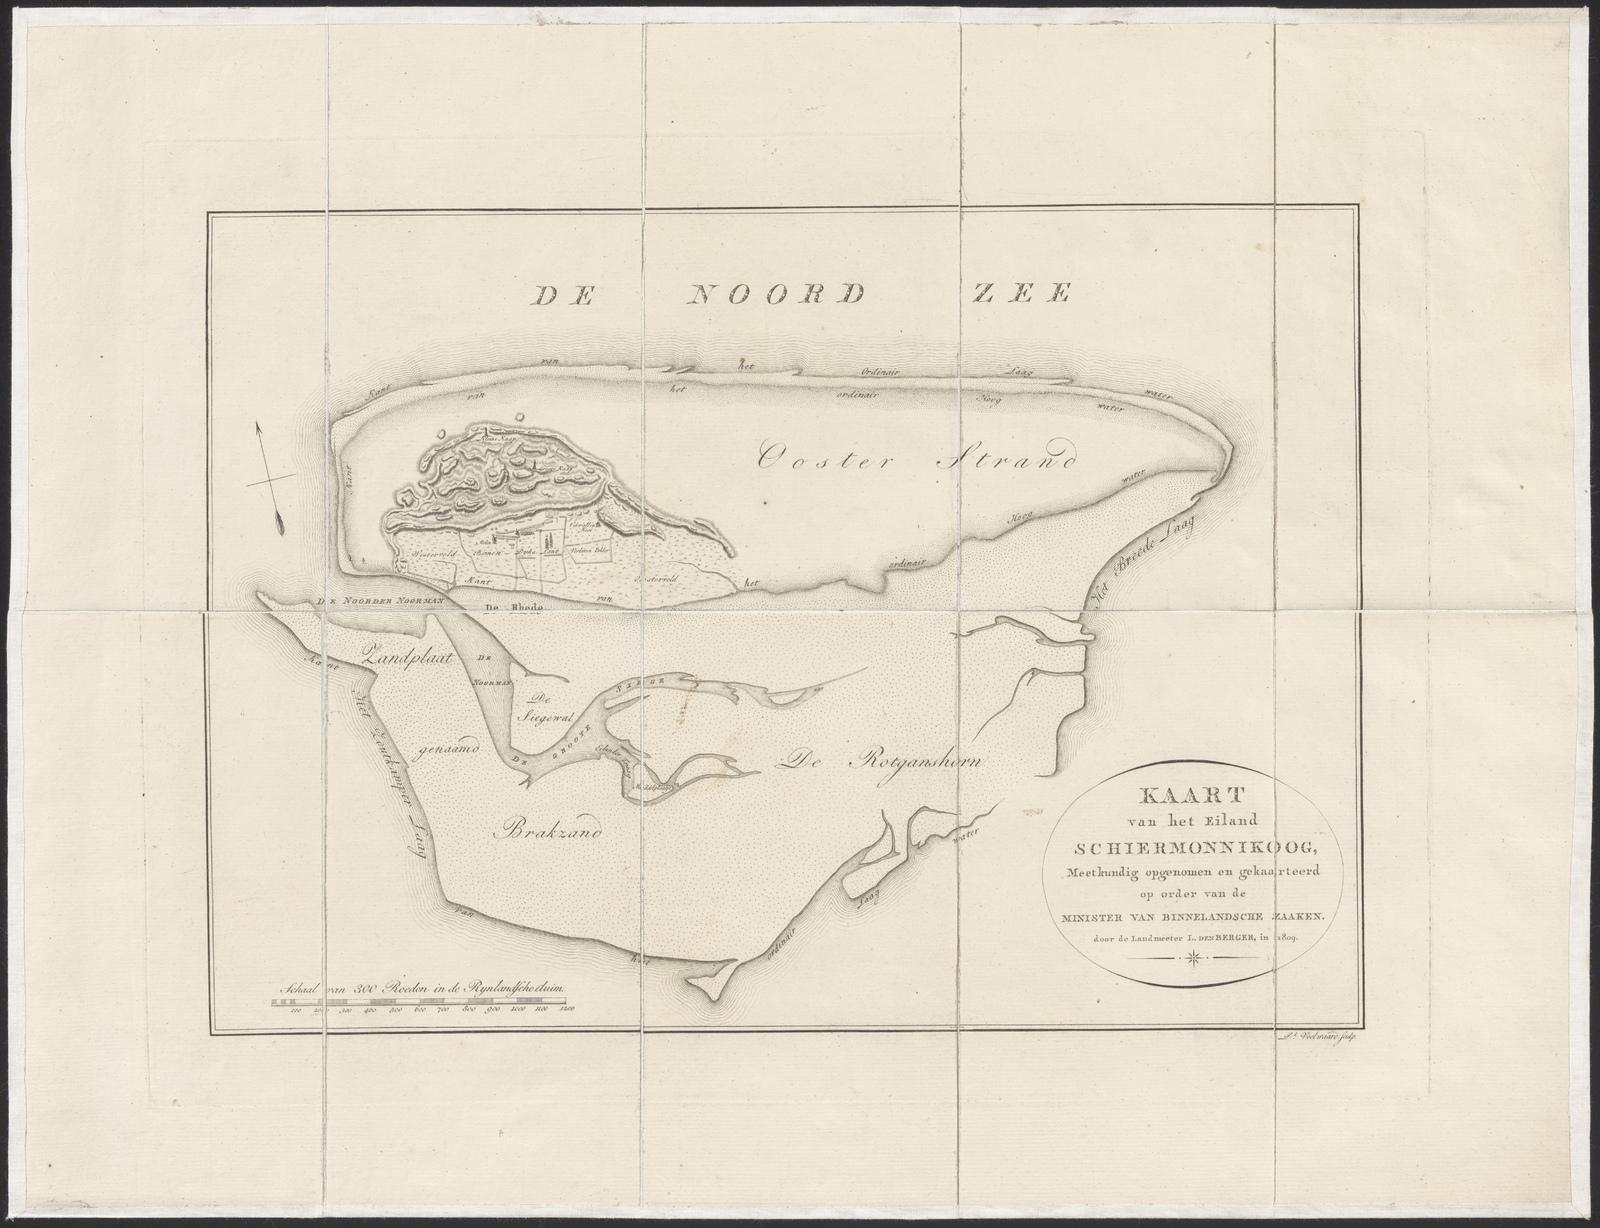 Kaart van het eiland Schiermonnikoog